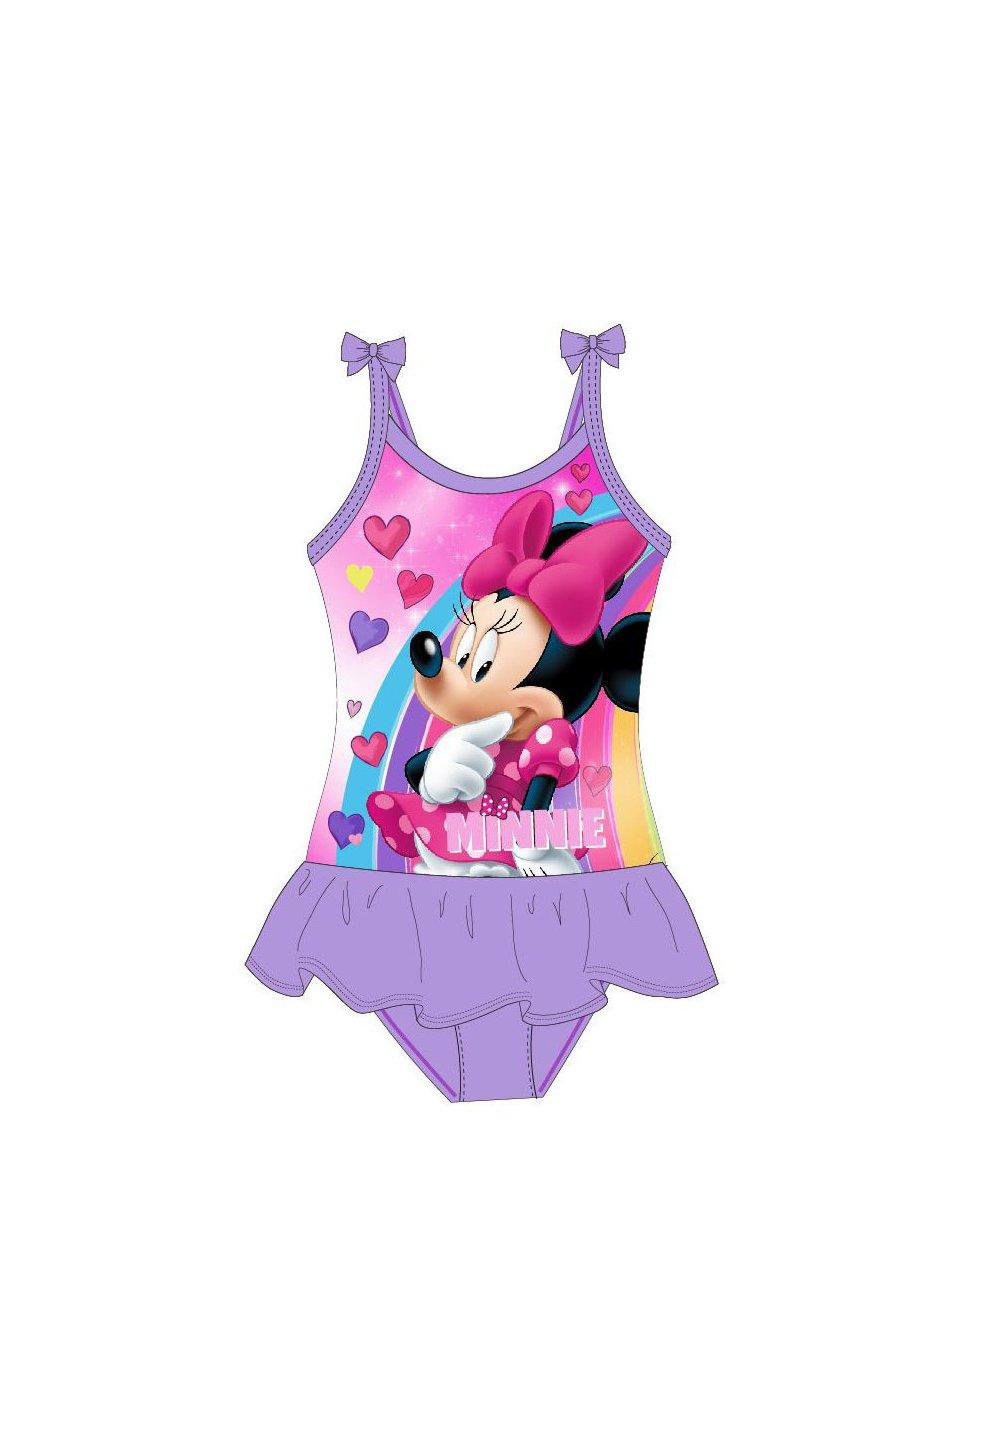 Costum de baie, intreg, Minnie, mov cu inimioare imagine